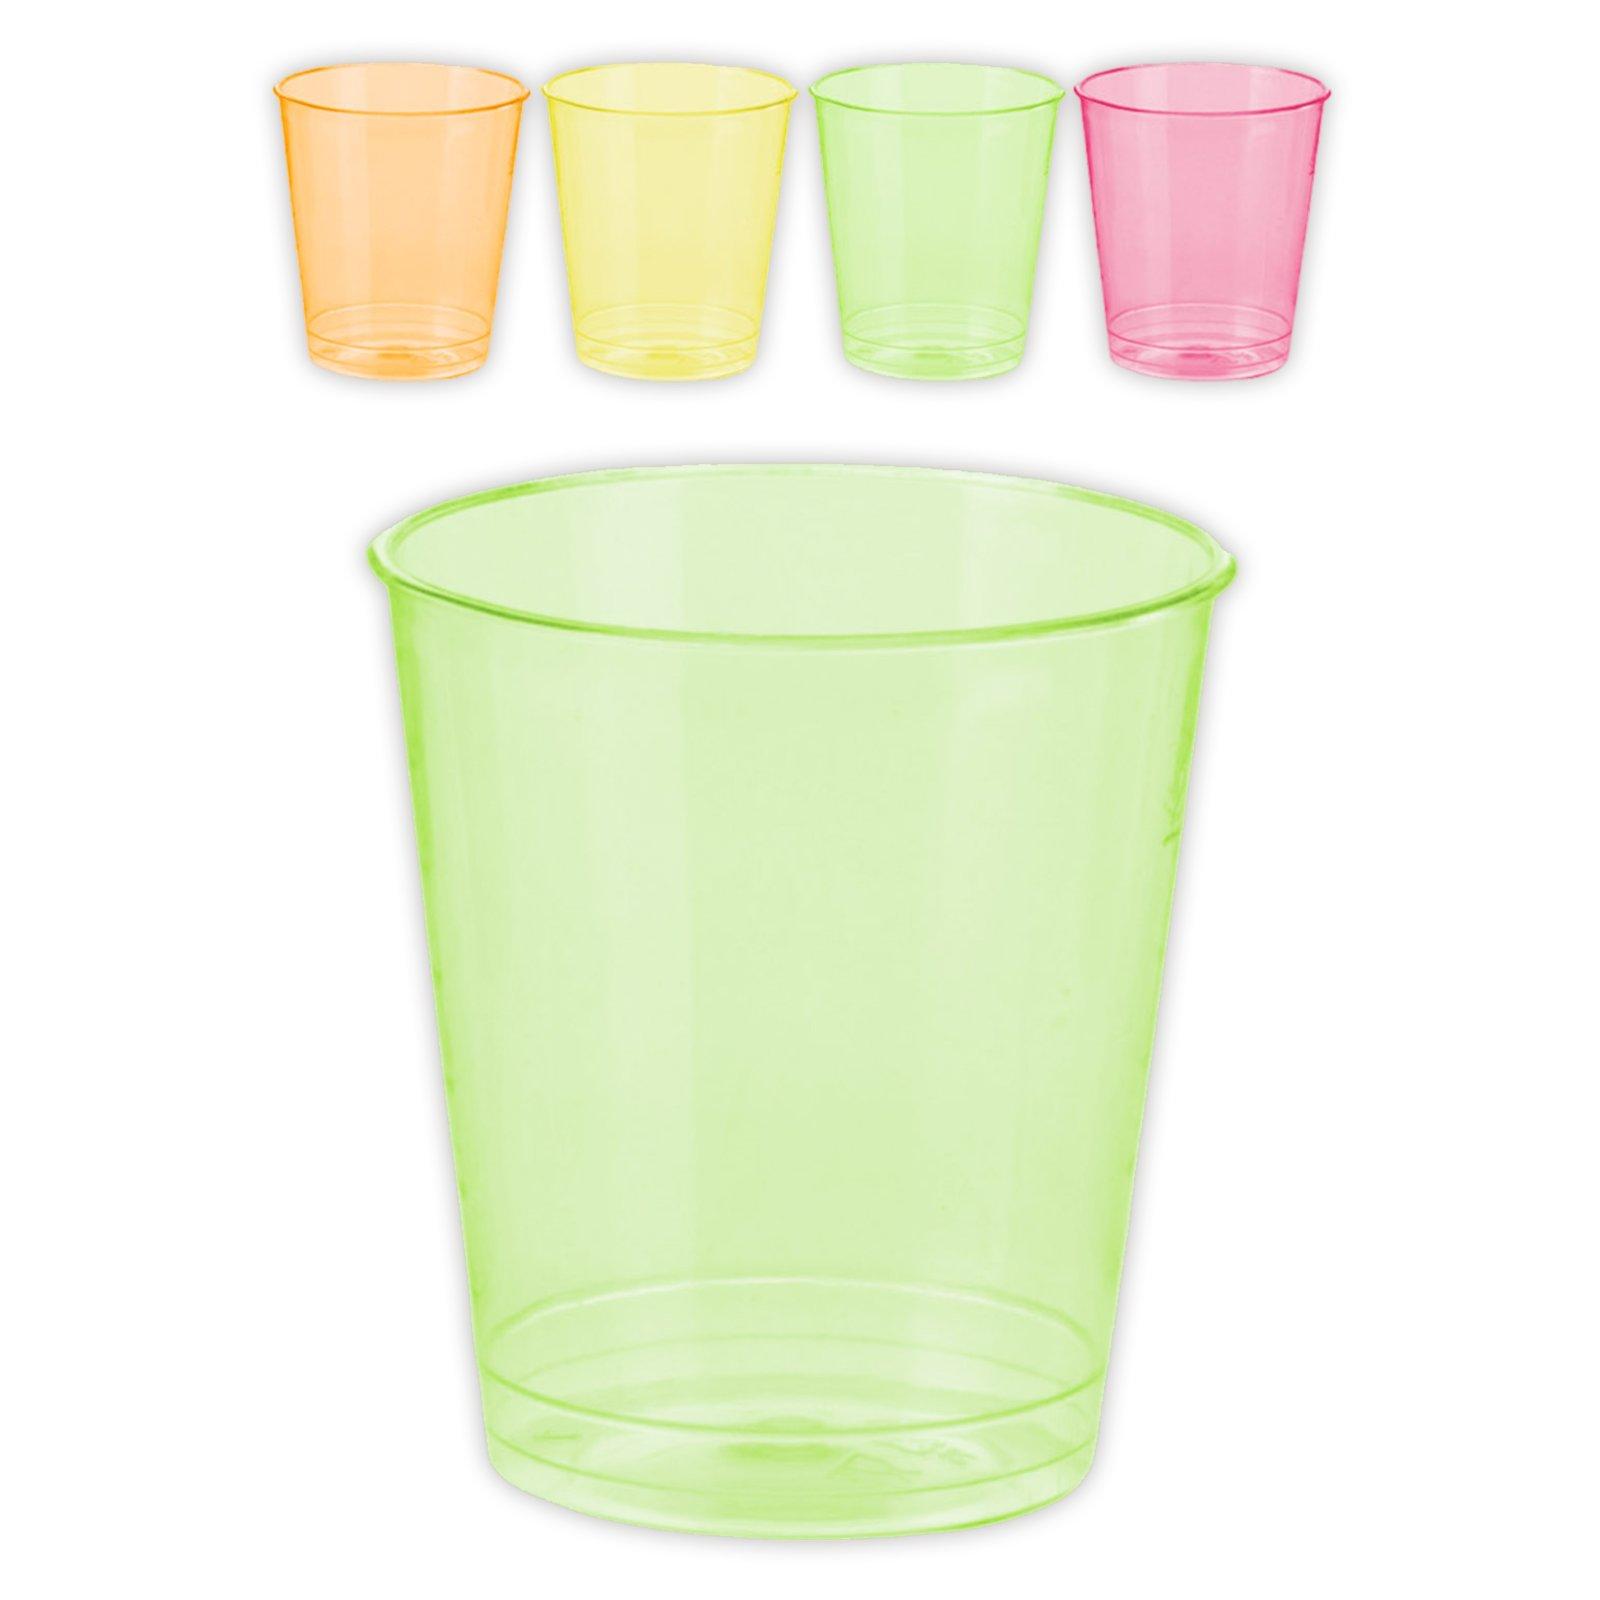 32 Einweg-Schnapsgläser - Kunststoff 4 Farben